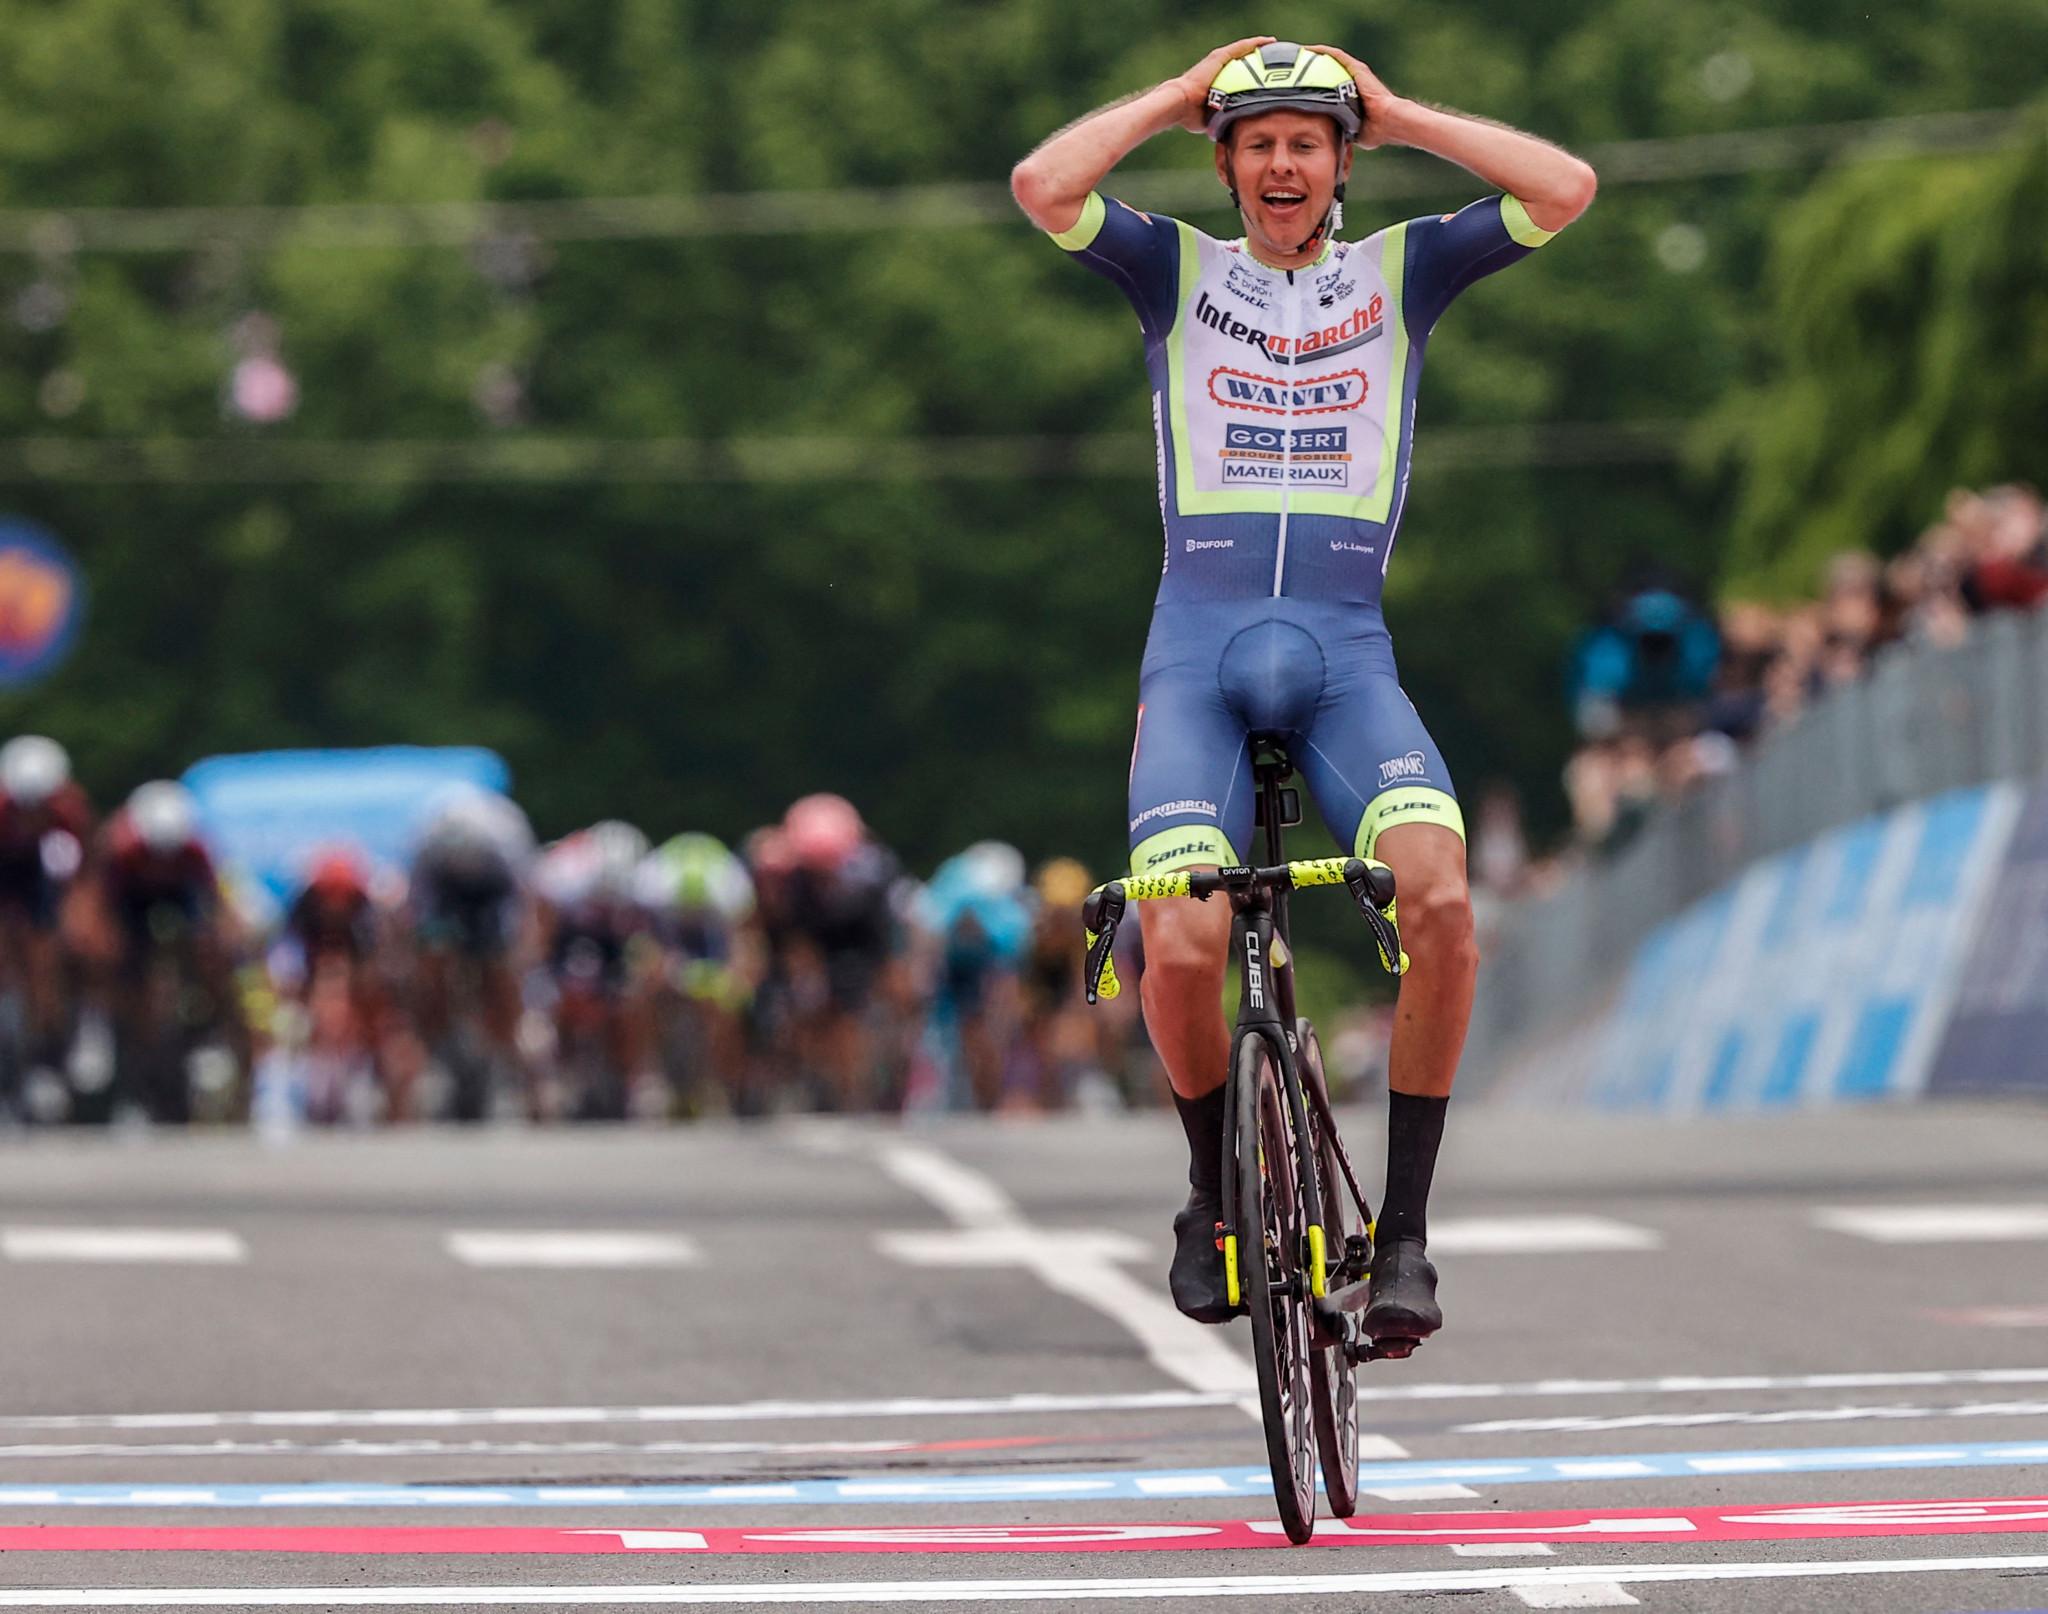 Debutant Van der Hoorn wins stage three from breakaway at Giro d'Italia